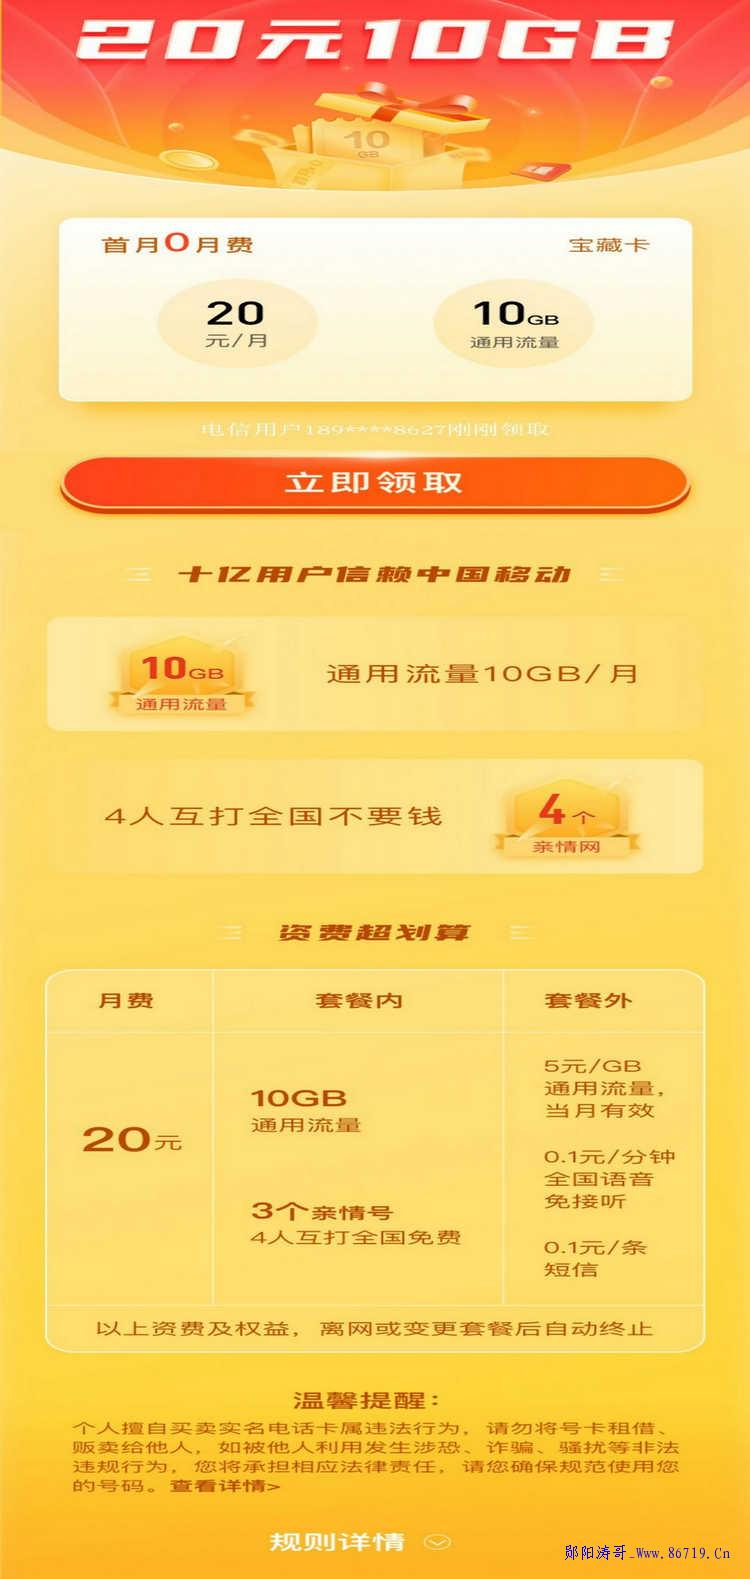 移动花卡宝藏版20元套餐2021版转套餐成功的地方汇总-郧阳涛哥博客